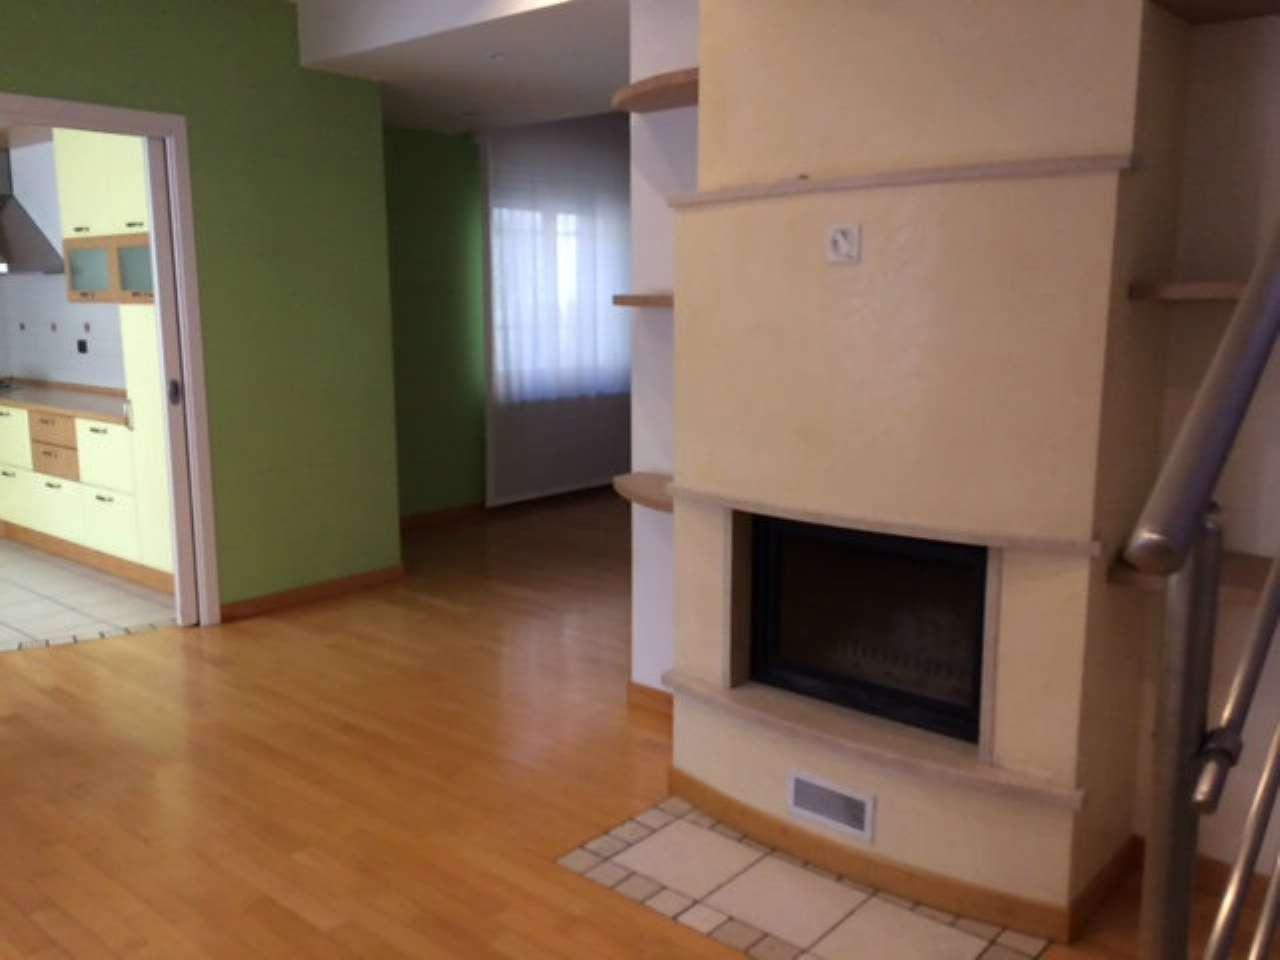 Villa in vendita a Piacenza, 4 locali, prezzo € 280.000 | CambioCasa.it